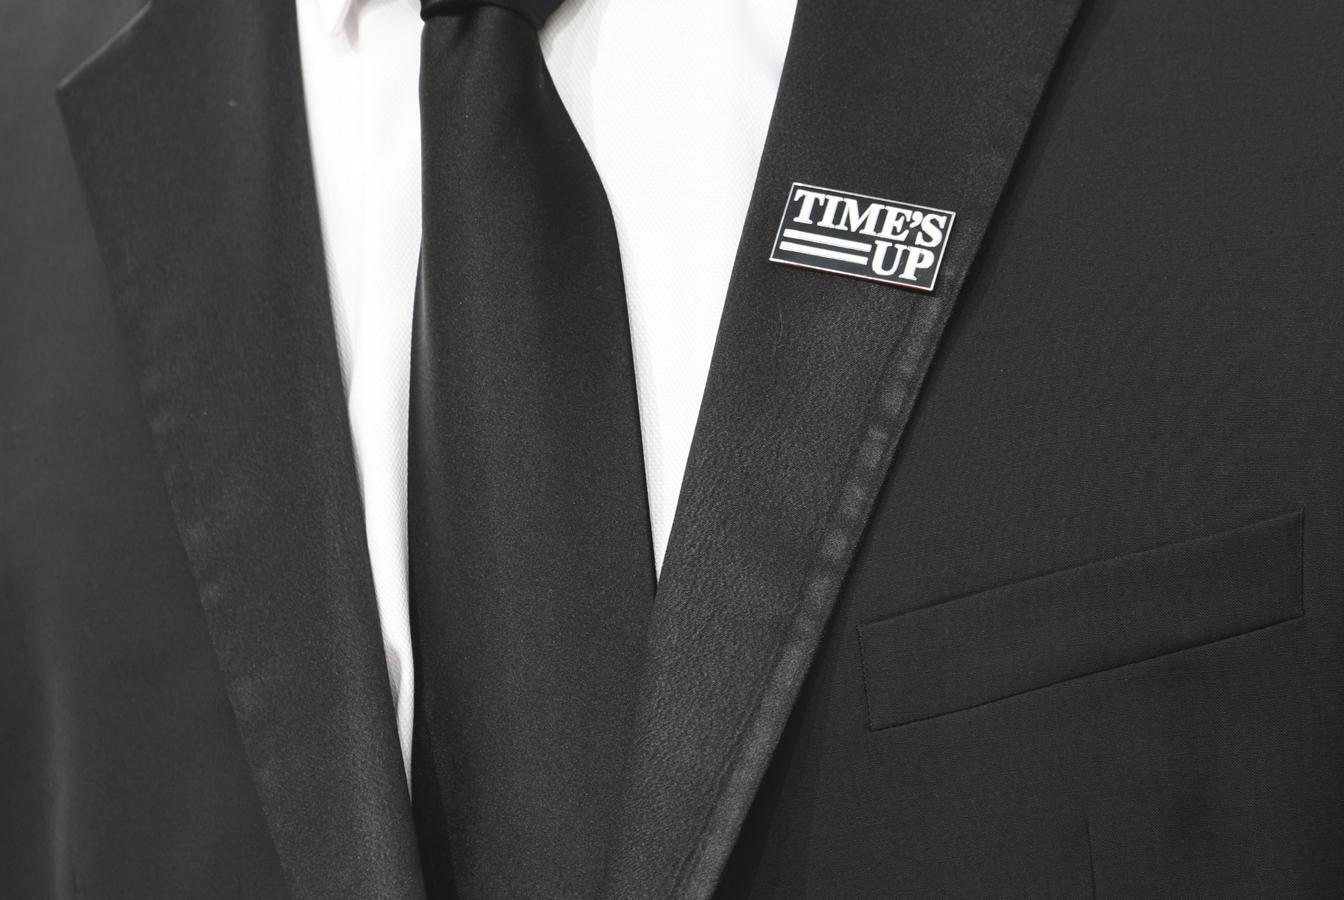 Los Globos de Oro se tiñe de negro para denunciar los abusos bajo el lema «Time's Up», es decir, «Es el momento»